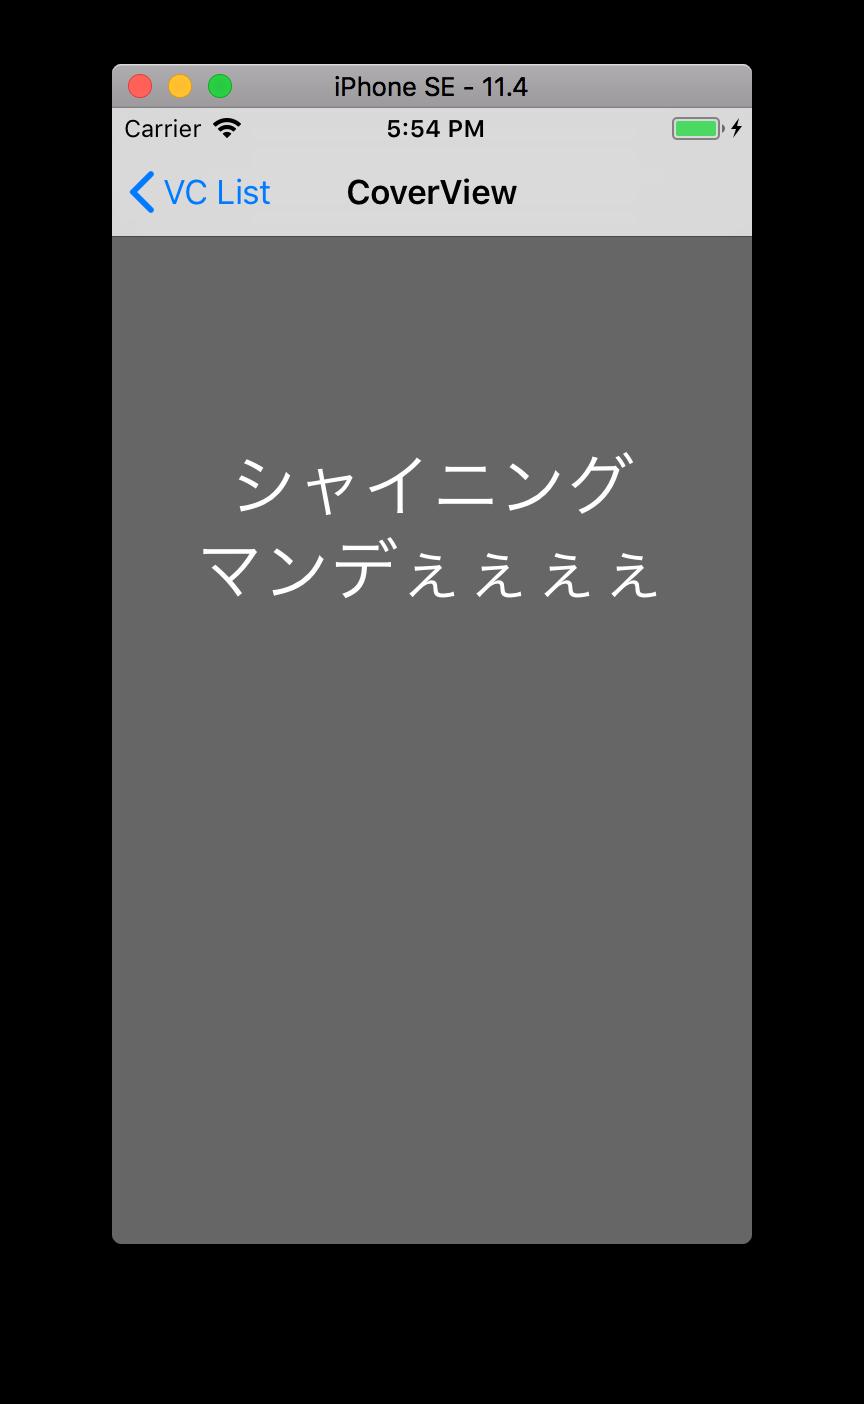 スクリーンショット 2018-08-26 17.54.37.png